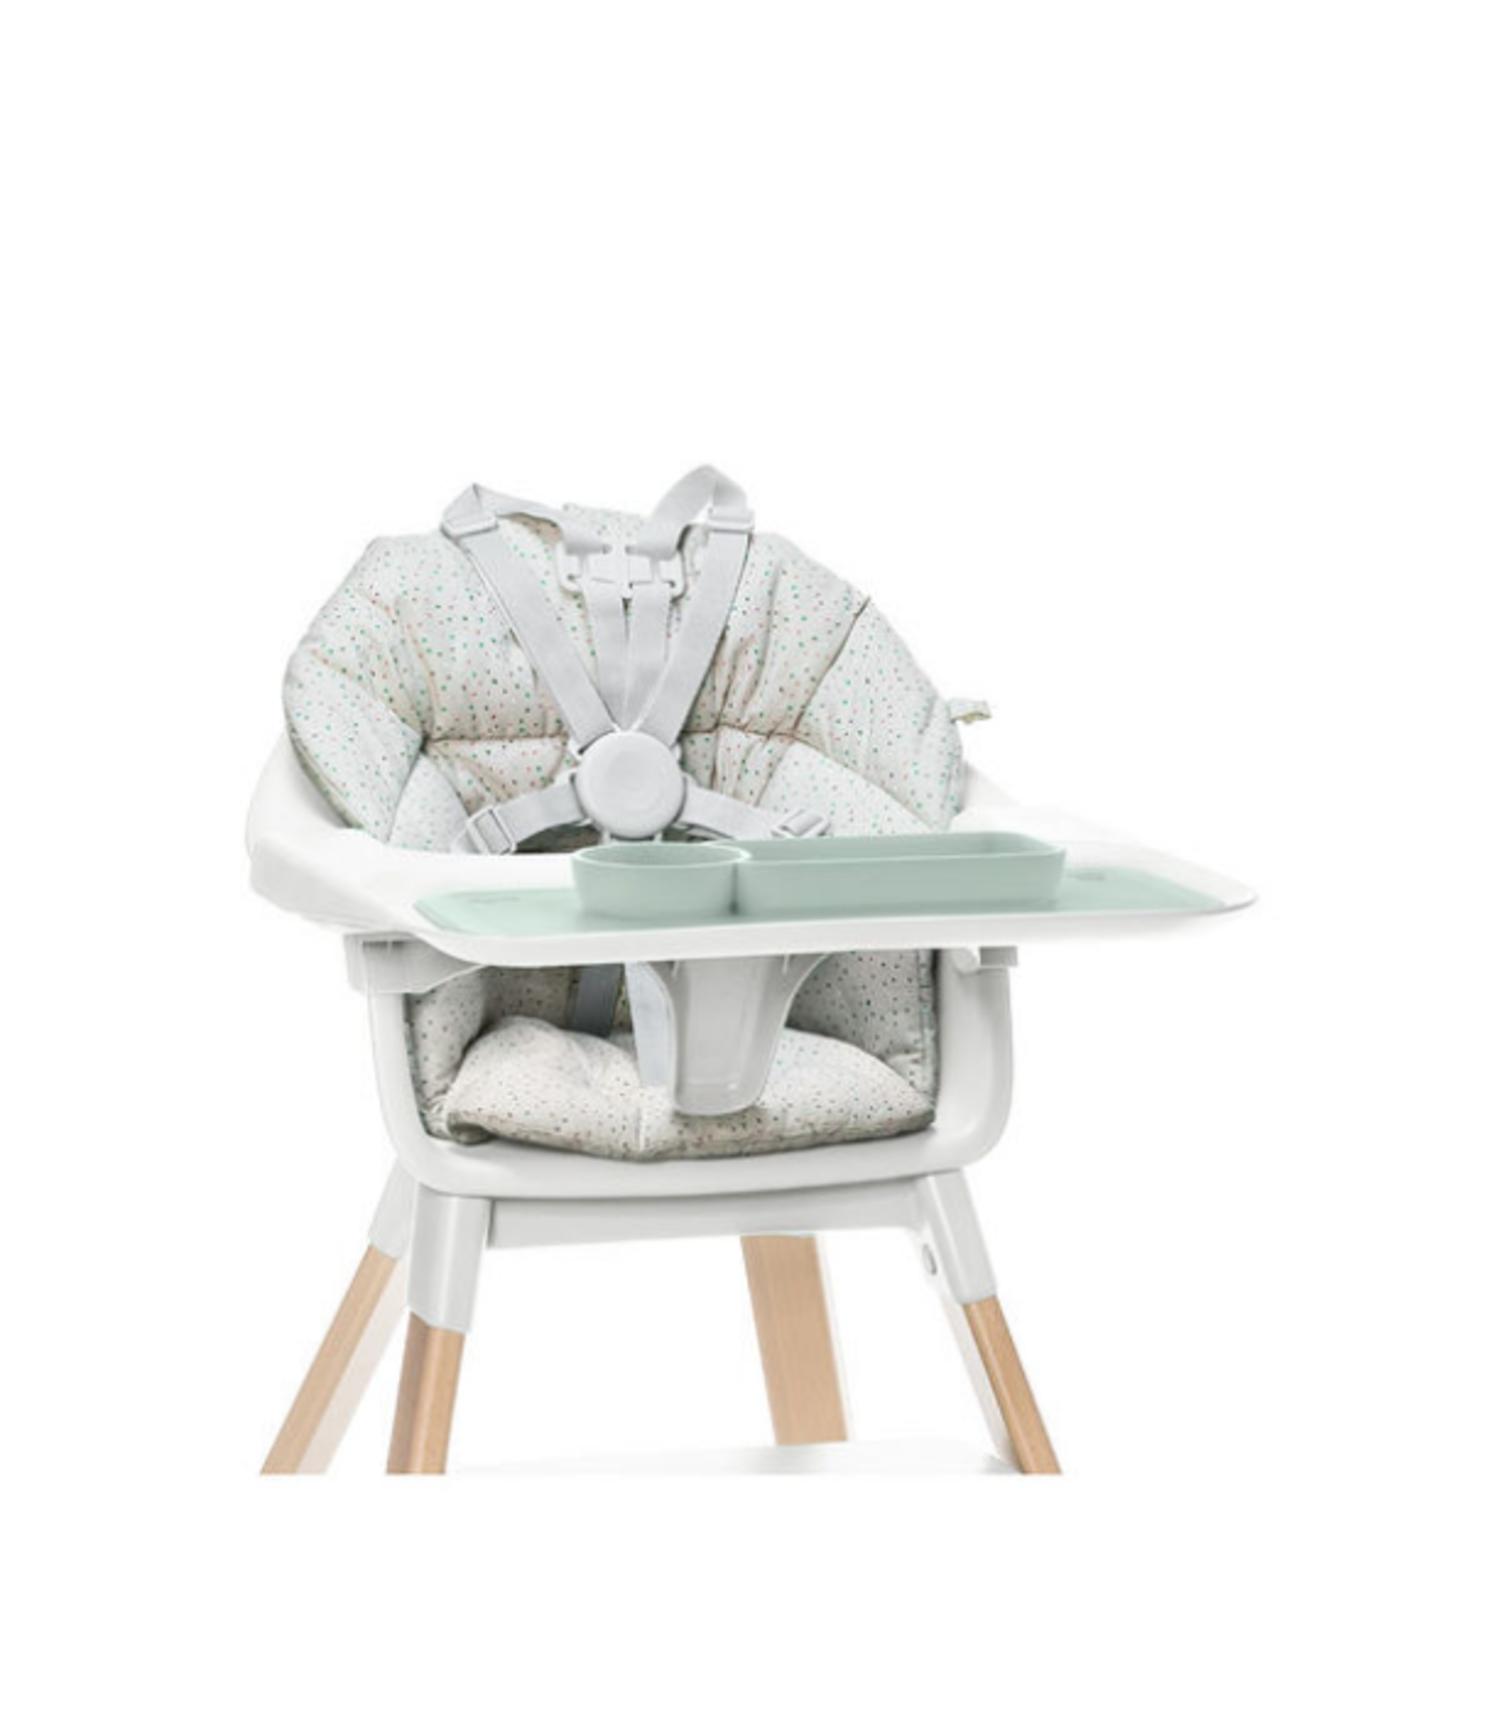 SET DE TABLE EZPZ POUR CHAISE-HAUTE STOKKE CLIKK - SOFT GREY - MOM POP